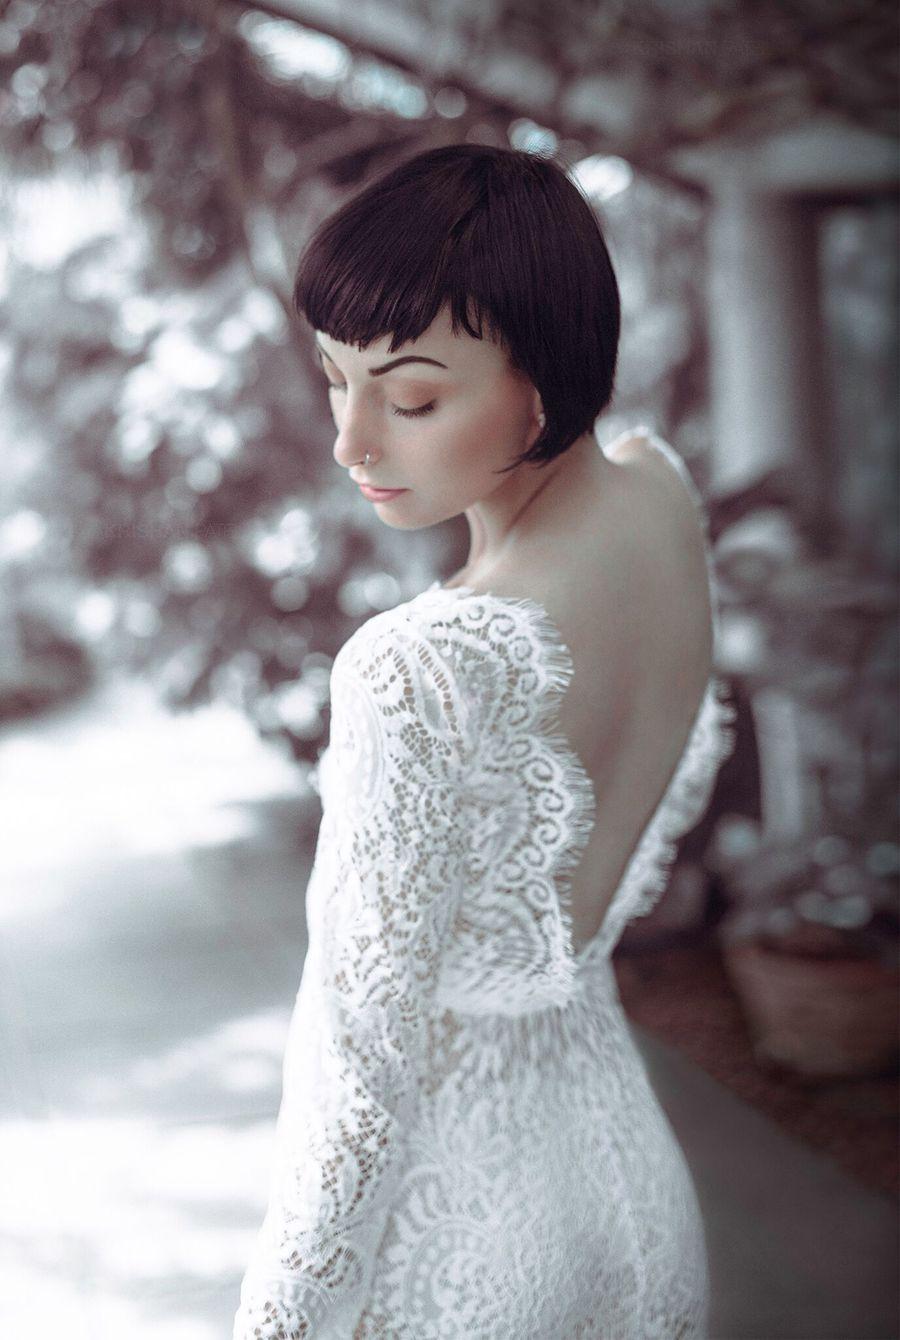 Model Marie Jean Taylor / Uploaded 22nd July 2017 @ 10:57 AM